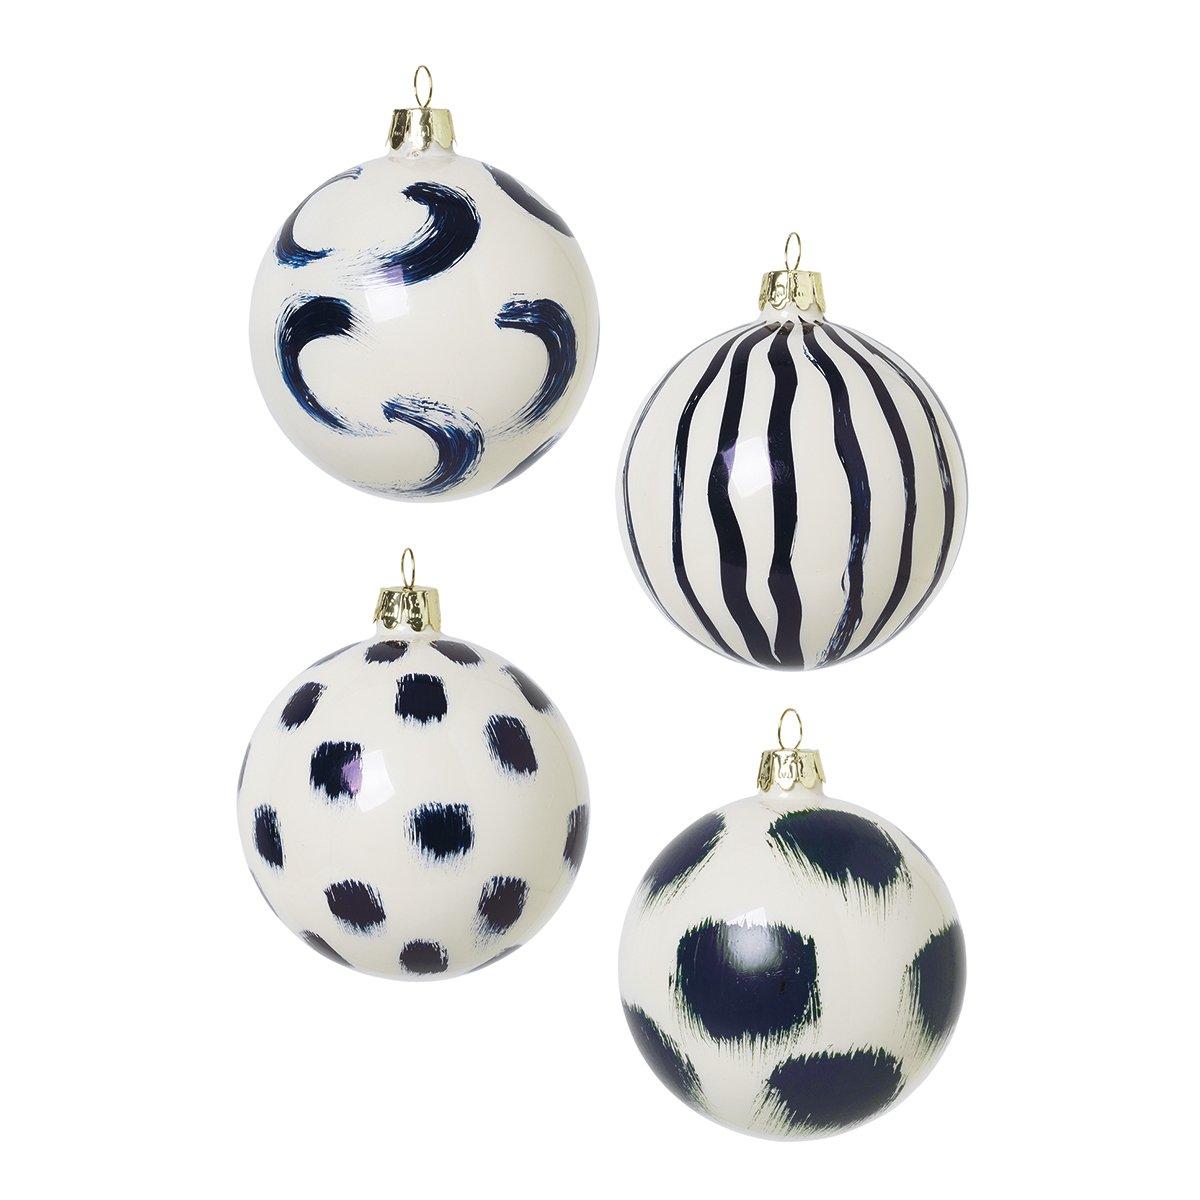 Ferm Living Handbeschilderde Kerstballen - Blauw